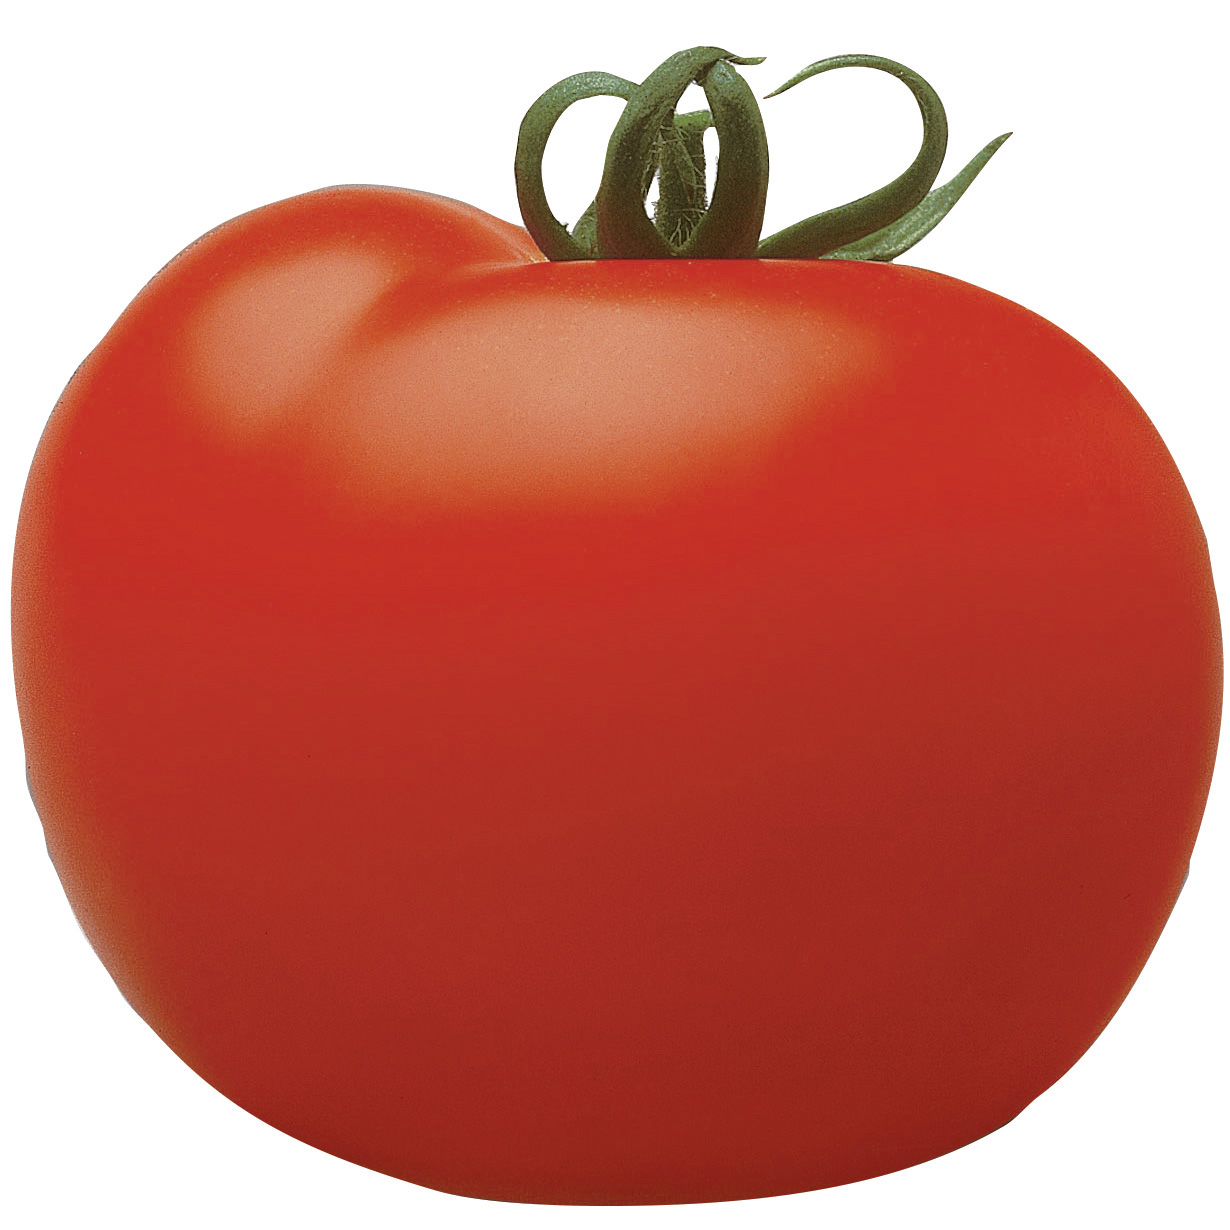 Tomate Cristal (veredelt) - runde Tomate 110 gr.